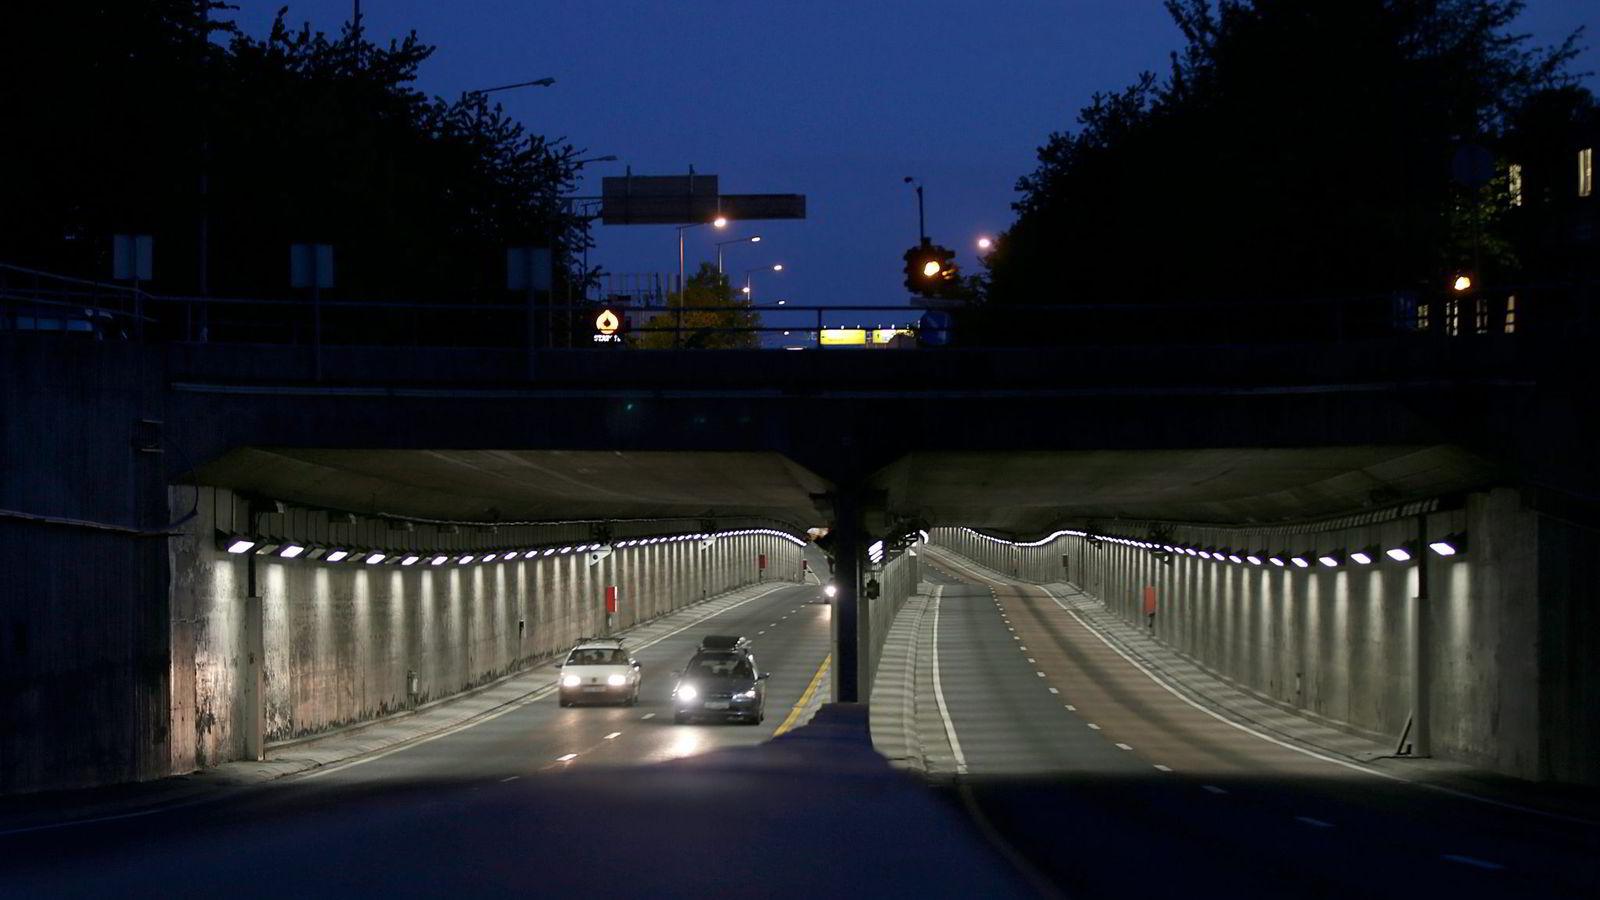 Nye EU-regler som er på vei, blir ikke offentlig debattert, skriver artikkelforfatteren. Arbeidet i Smestad-tunnelen startet 1. juni, som følge av et EU-direktiv vedtatt i 2004. Foto: Vidar Ruud,